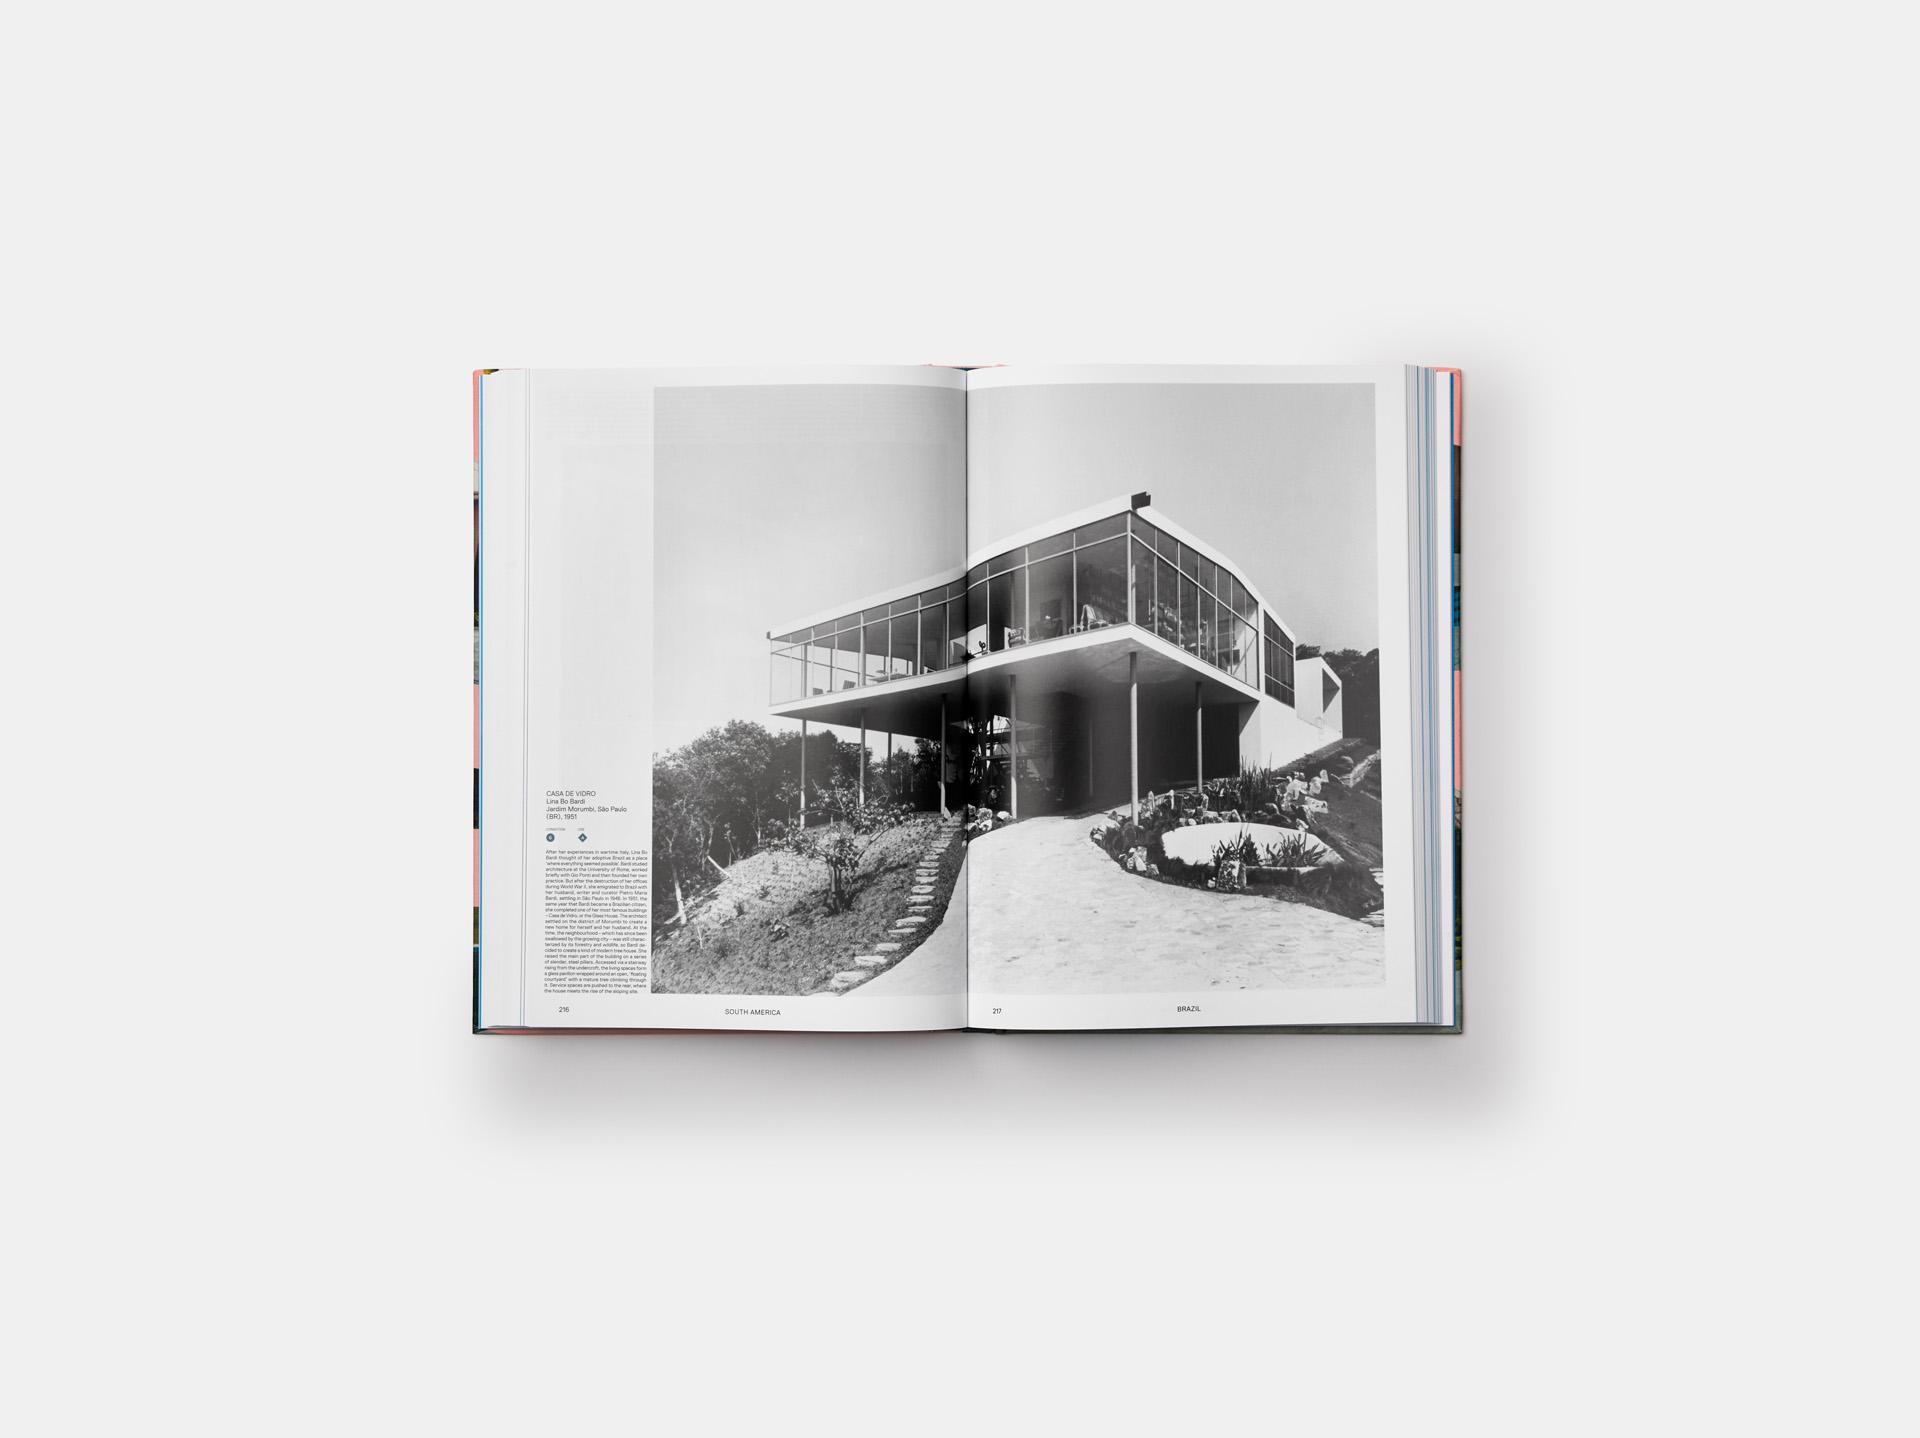 Atlas of Mid-Century Houses, Dominic Bradbury, Phaidon; South America: Brazil: Casa de Vidro, Lina Bo Bardi, Jardim Morumbi, São Paulo, 1951 (pages 216-217)